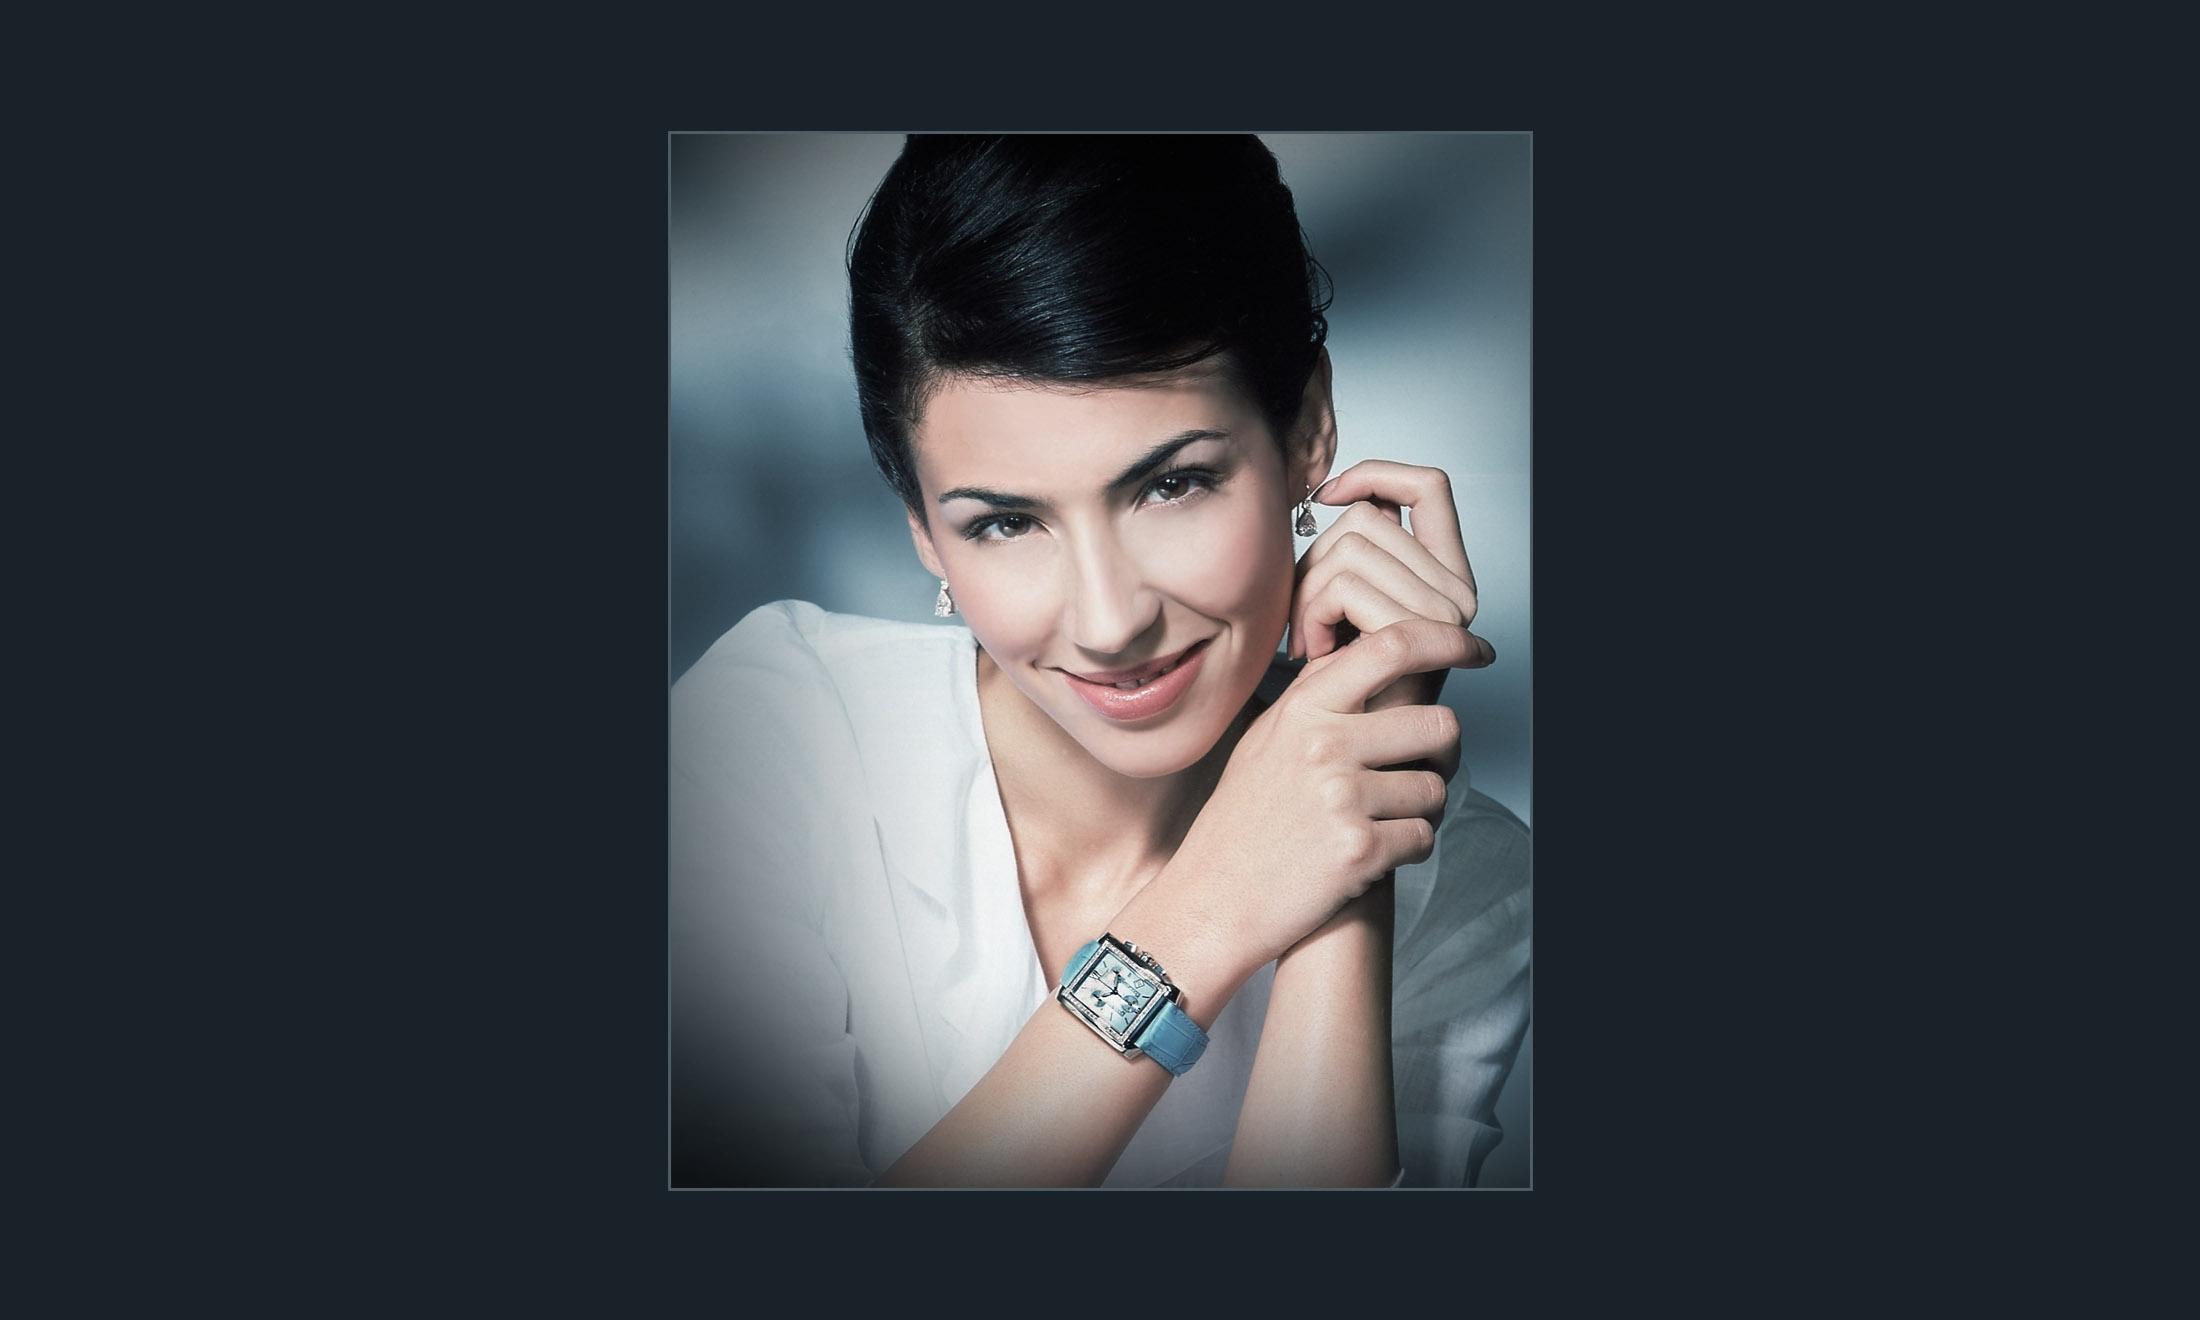 lady wearing Watch